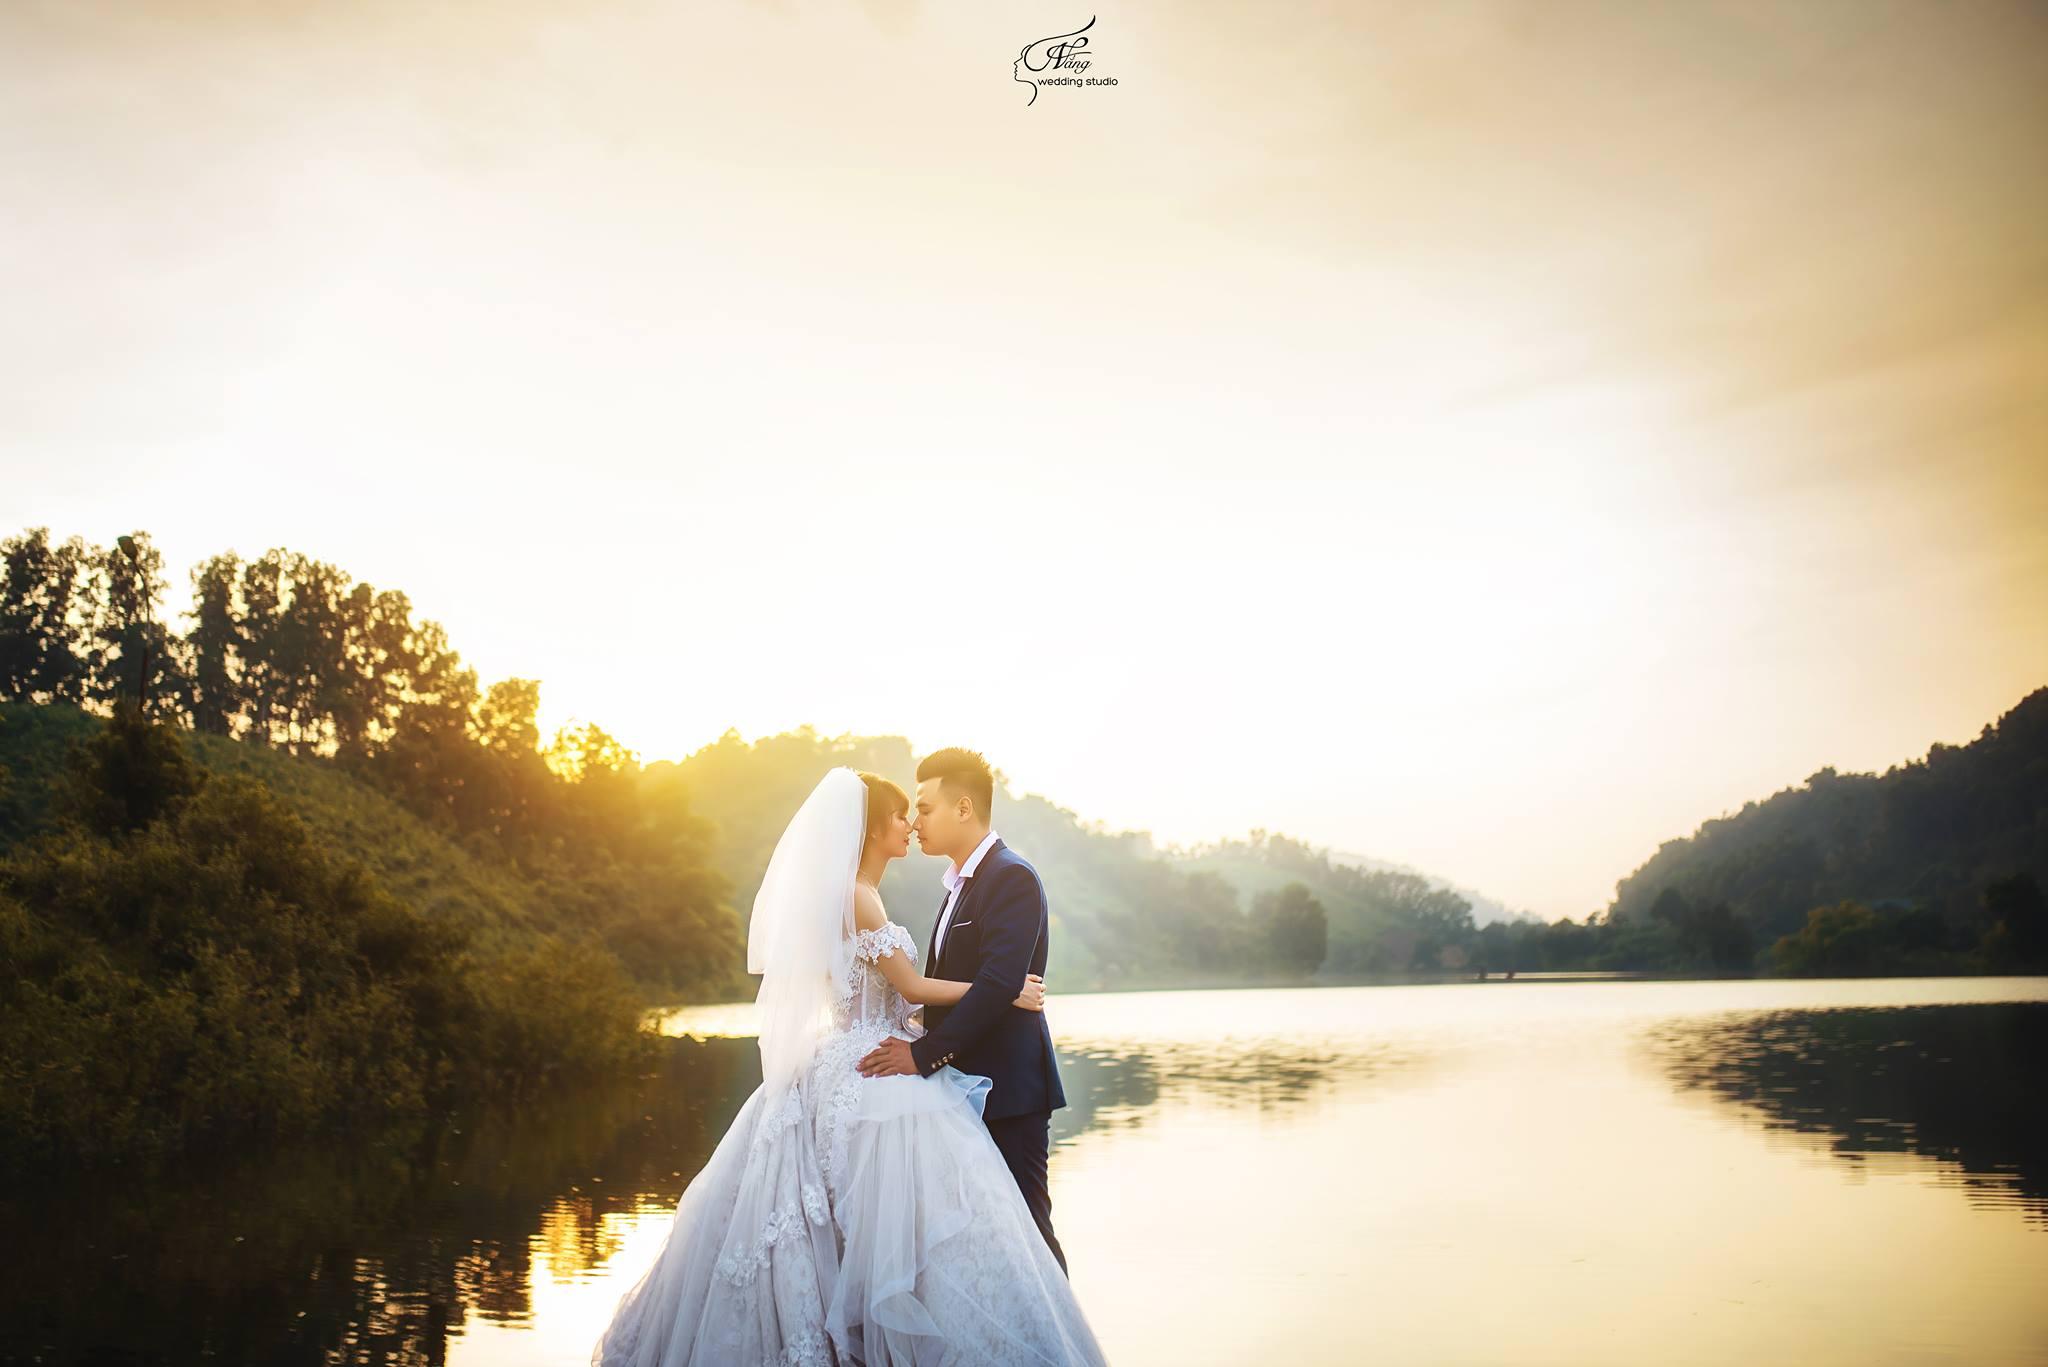 3 studio chụp ảnh cưới được cộng đồng mạng tín nhiệm tại Thái Nguyên - Ảnh